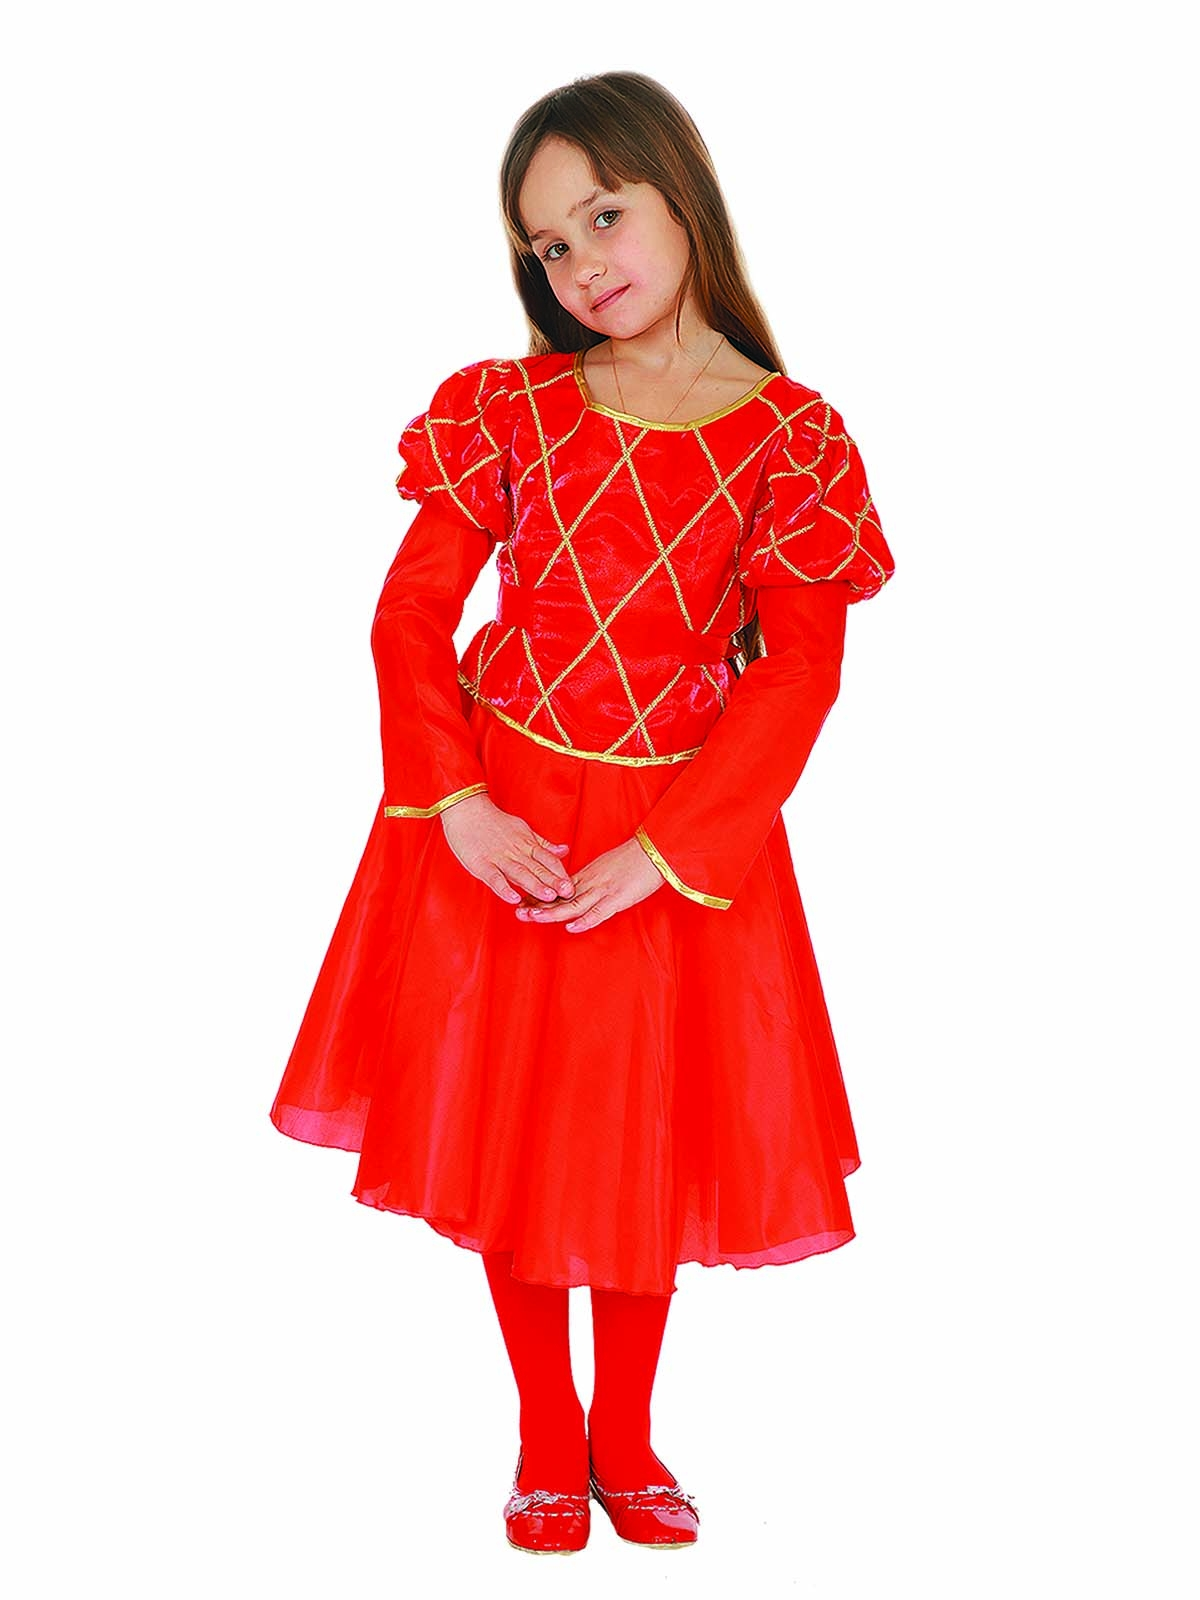 Детский костюм Красной Принцессы (30) детский костюм супермен 30